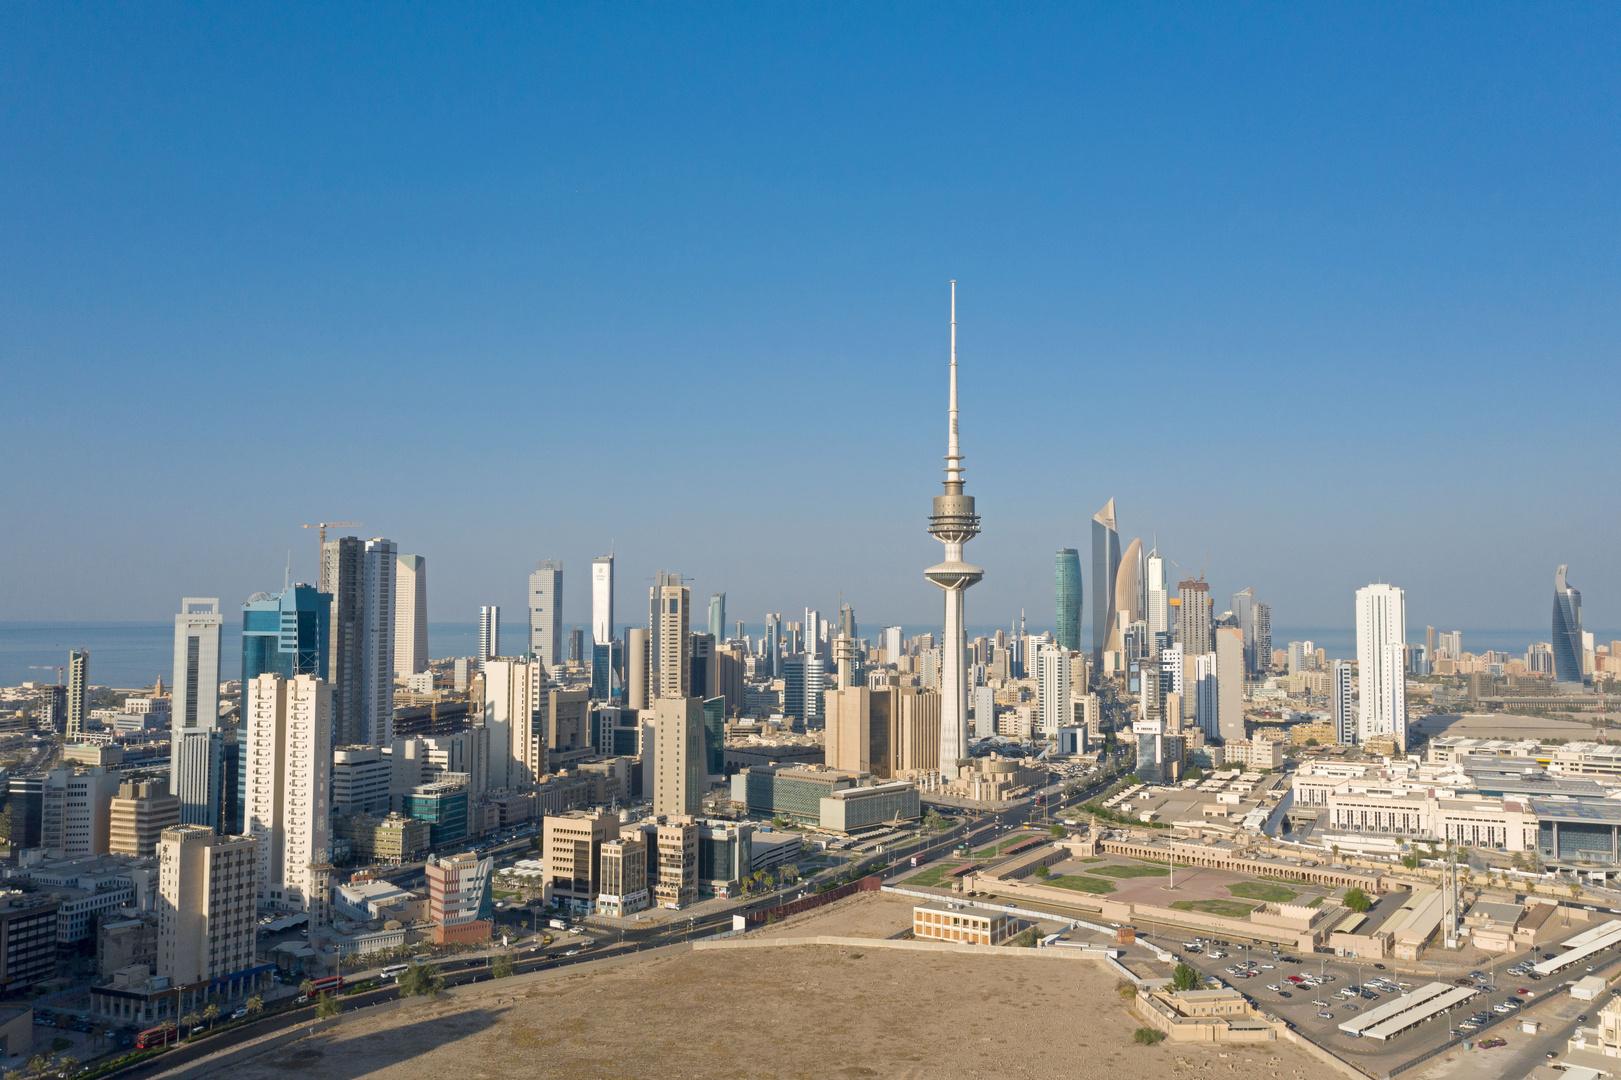 الكويت تنفذ خطة لإعادة 80 ألف عامل منزلي تقطعت بهم السبل بسبب كورونا